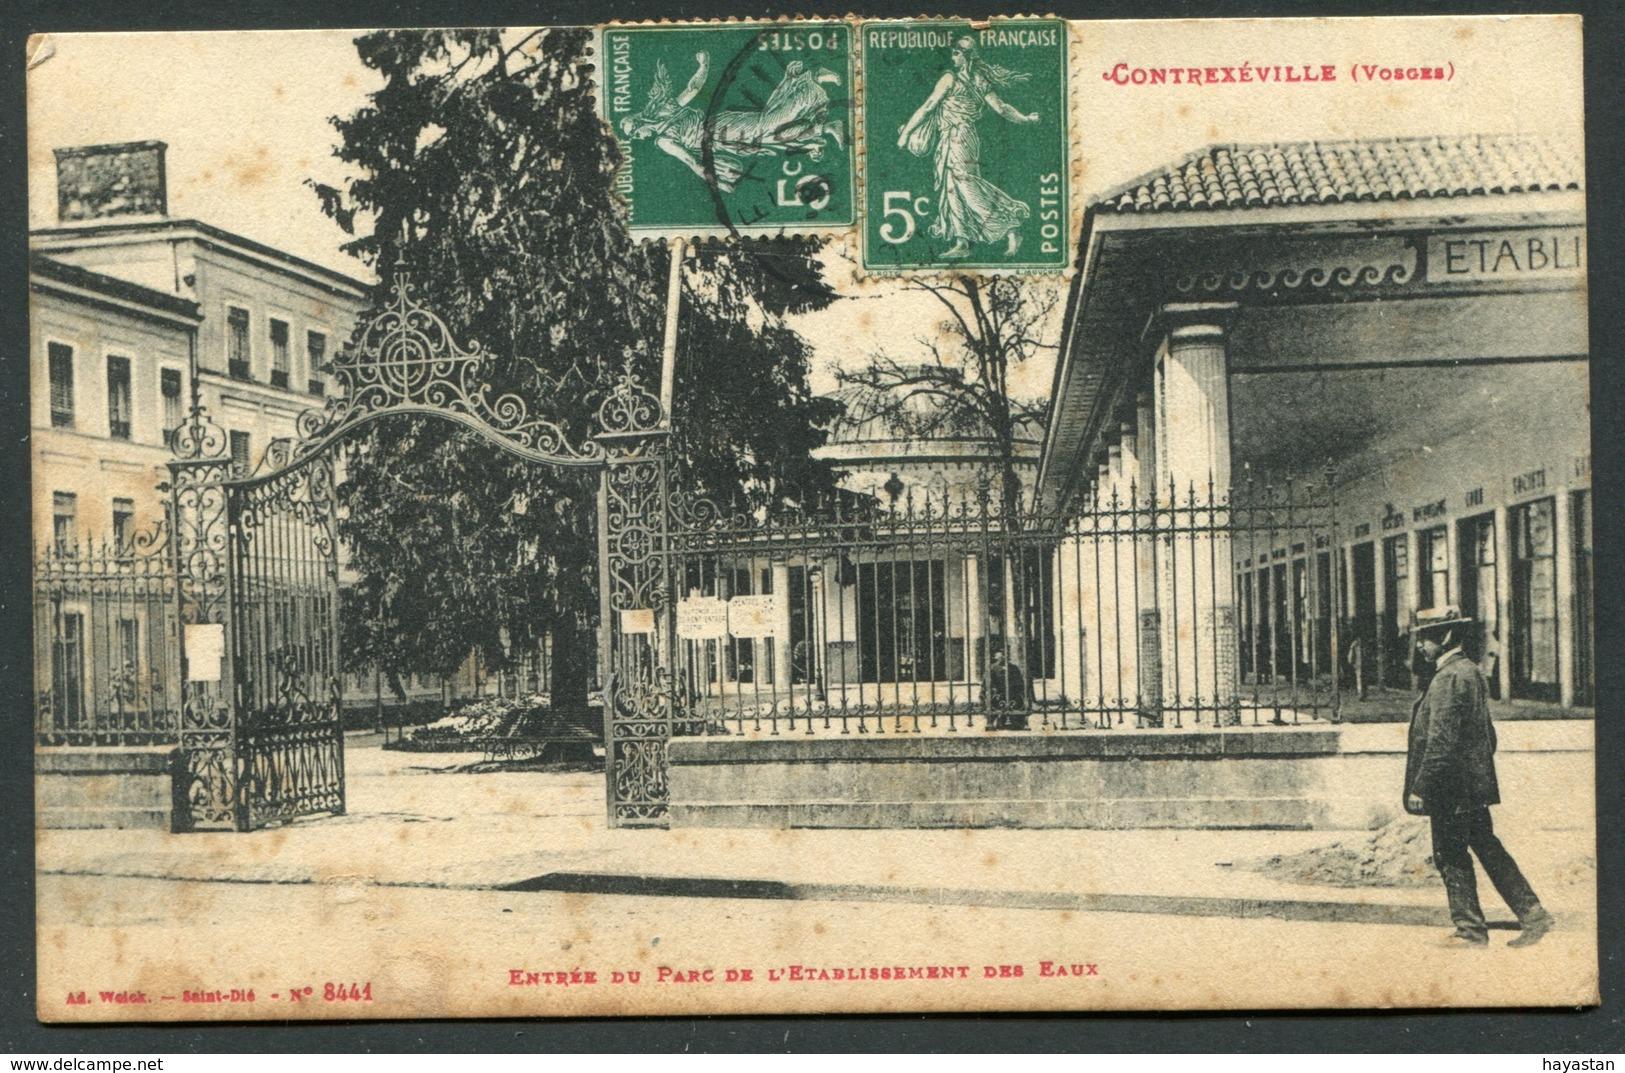 LOT DE 50 CARTES POSTALES DES VOSGES 88 - Cartes Postales